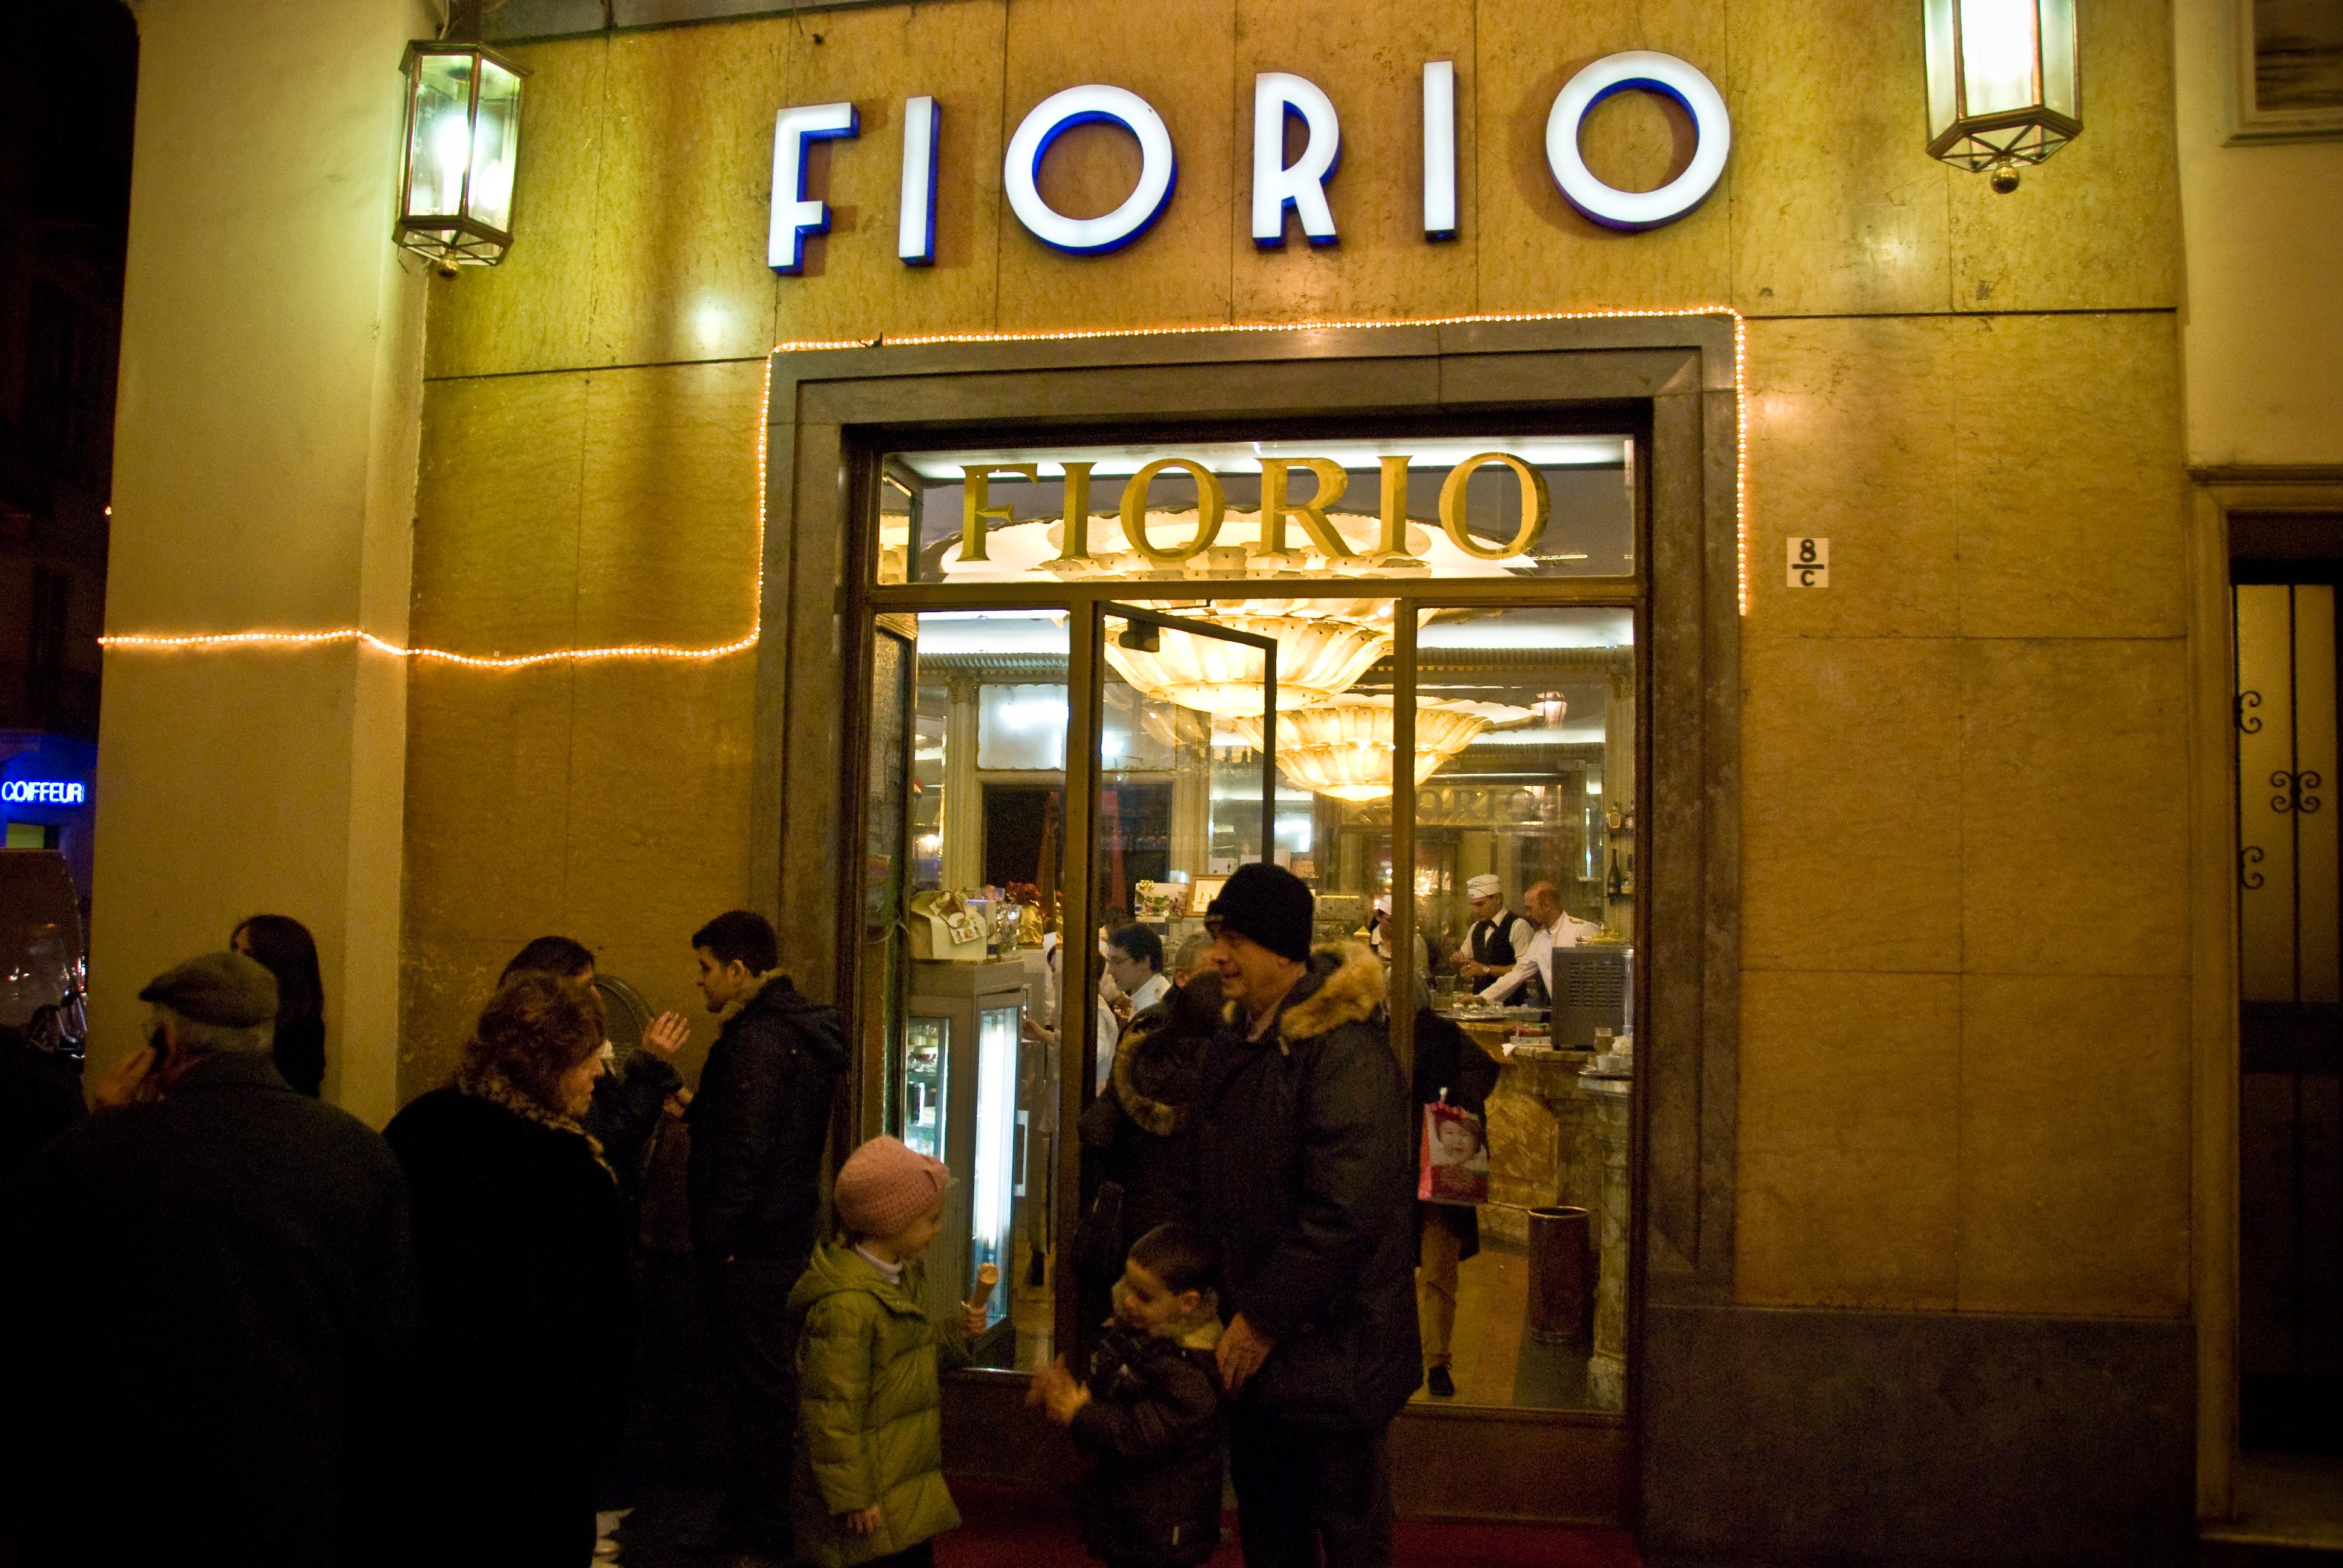 Fiorio Torino